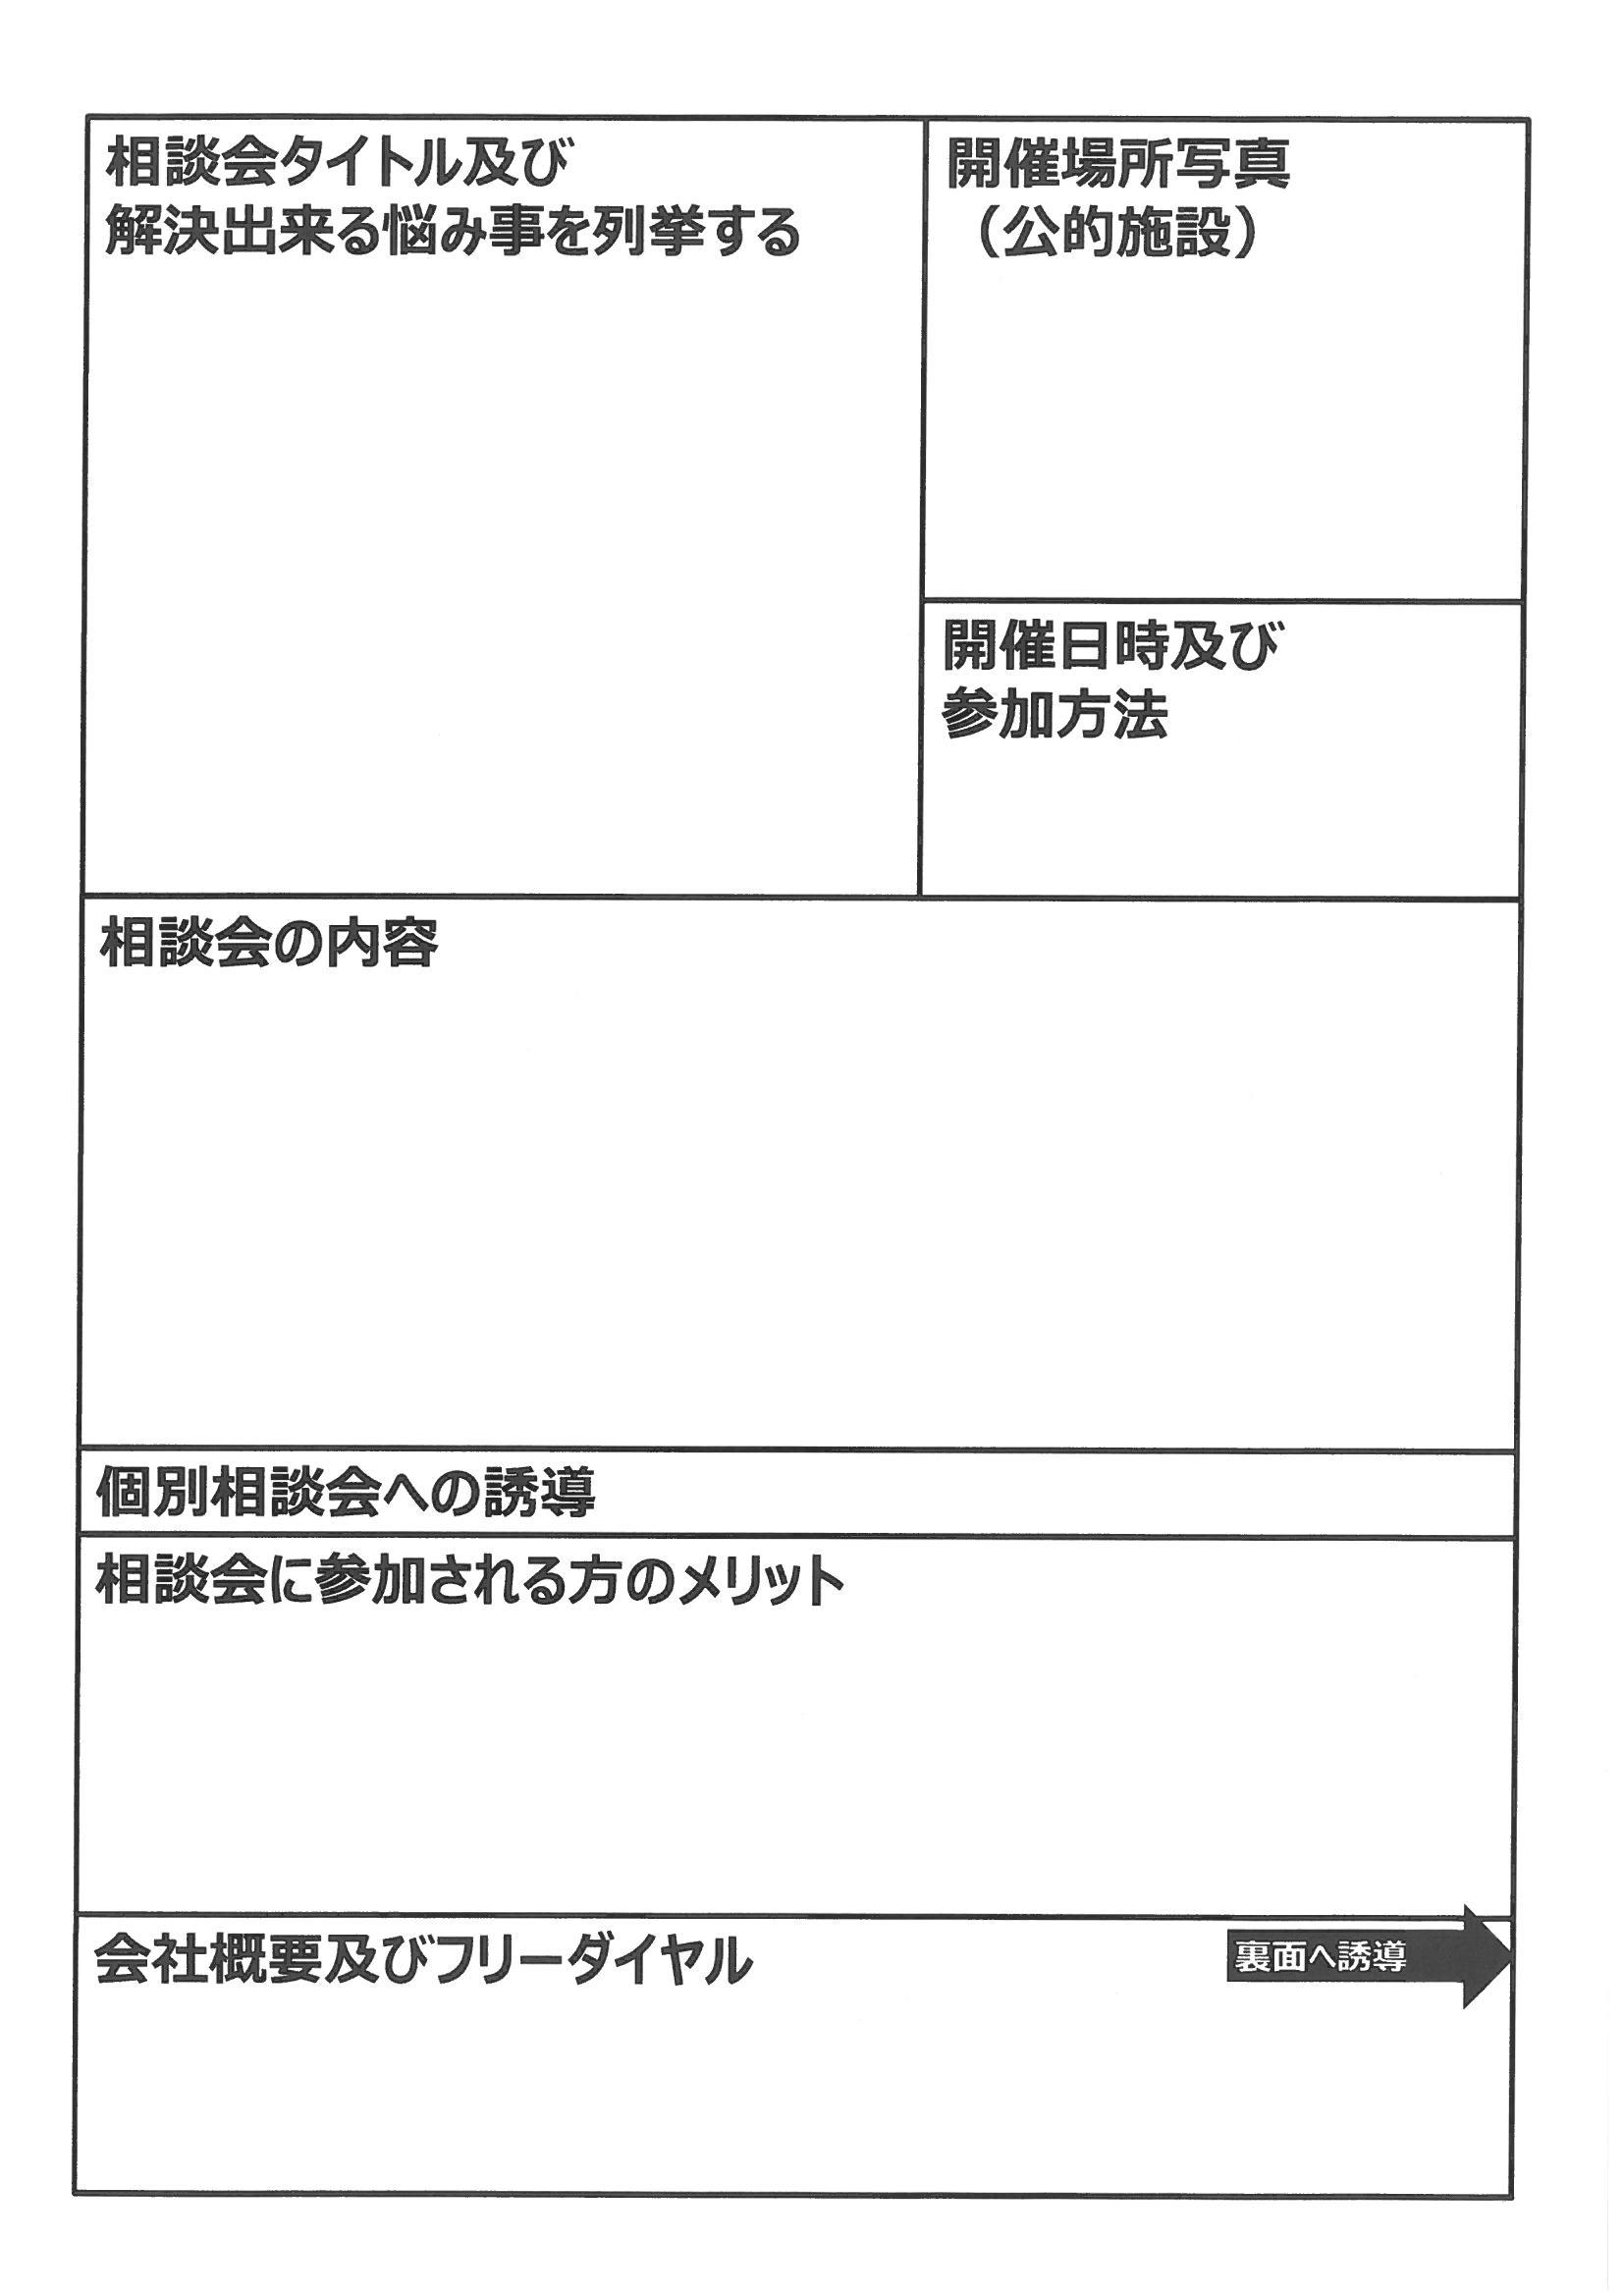 【公開】不動産売却相談会への集客用広告レイアウト|チラシデザイン